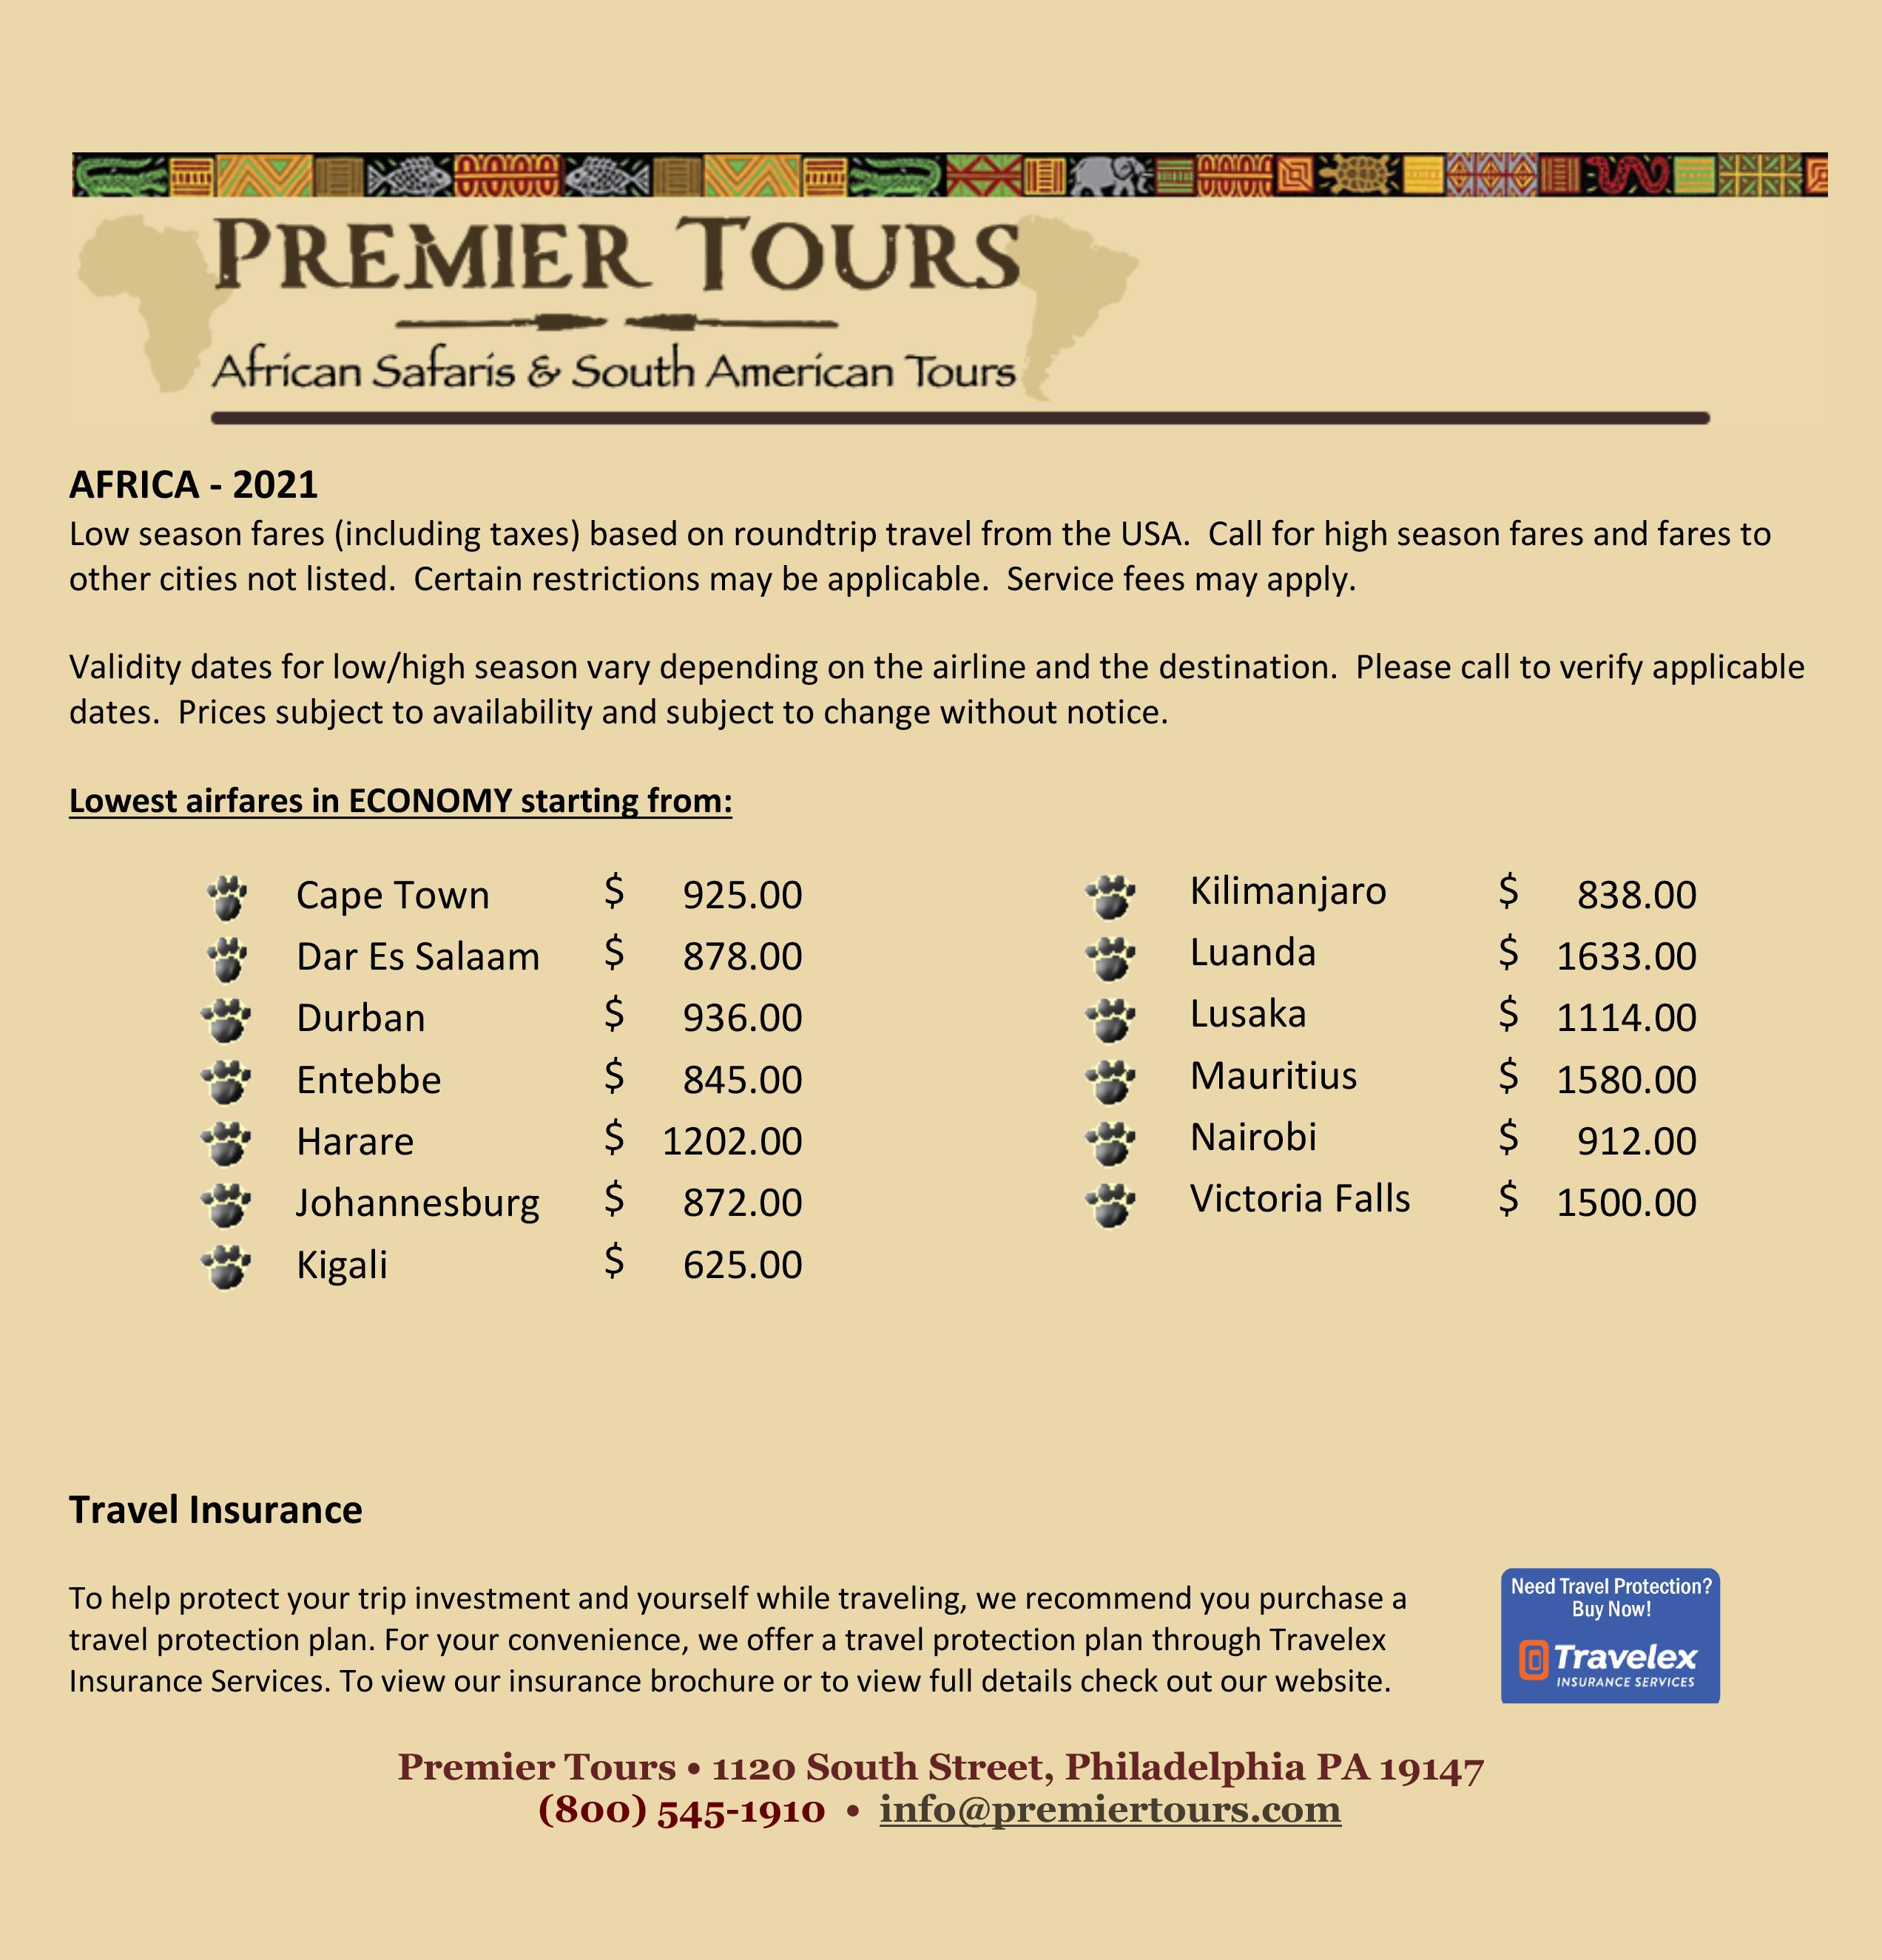 Premier Tours Airfares for 2021-09-08